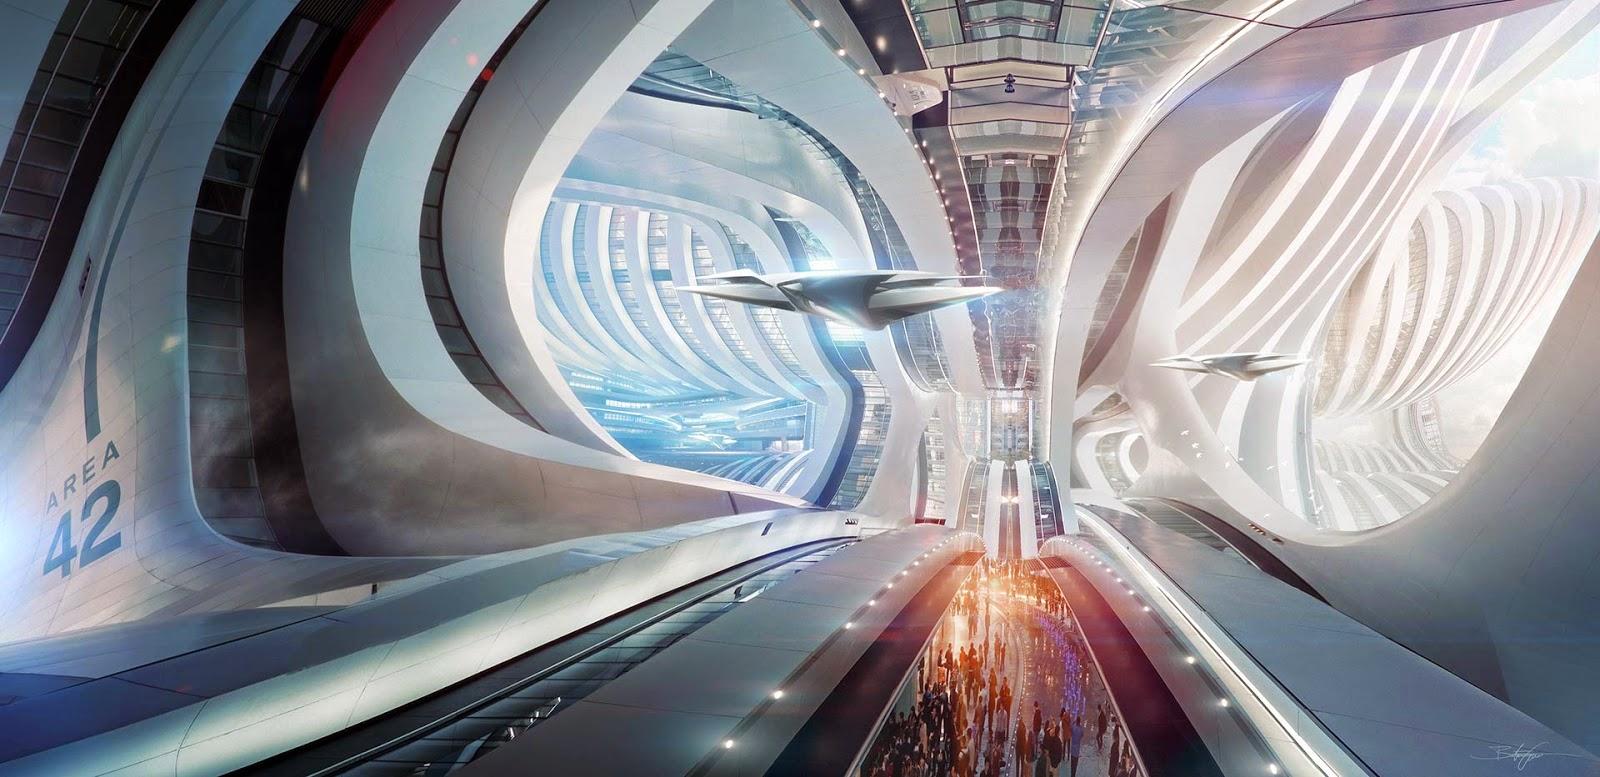 Papel de Parede Ficção Científica para pc hd grátis Sci Fi desktop hd wallpaper image free